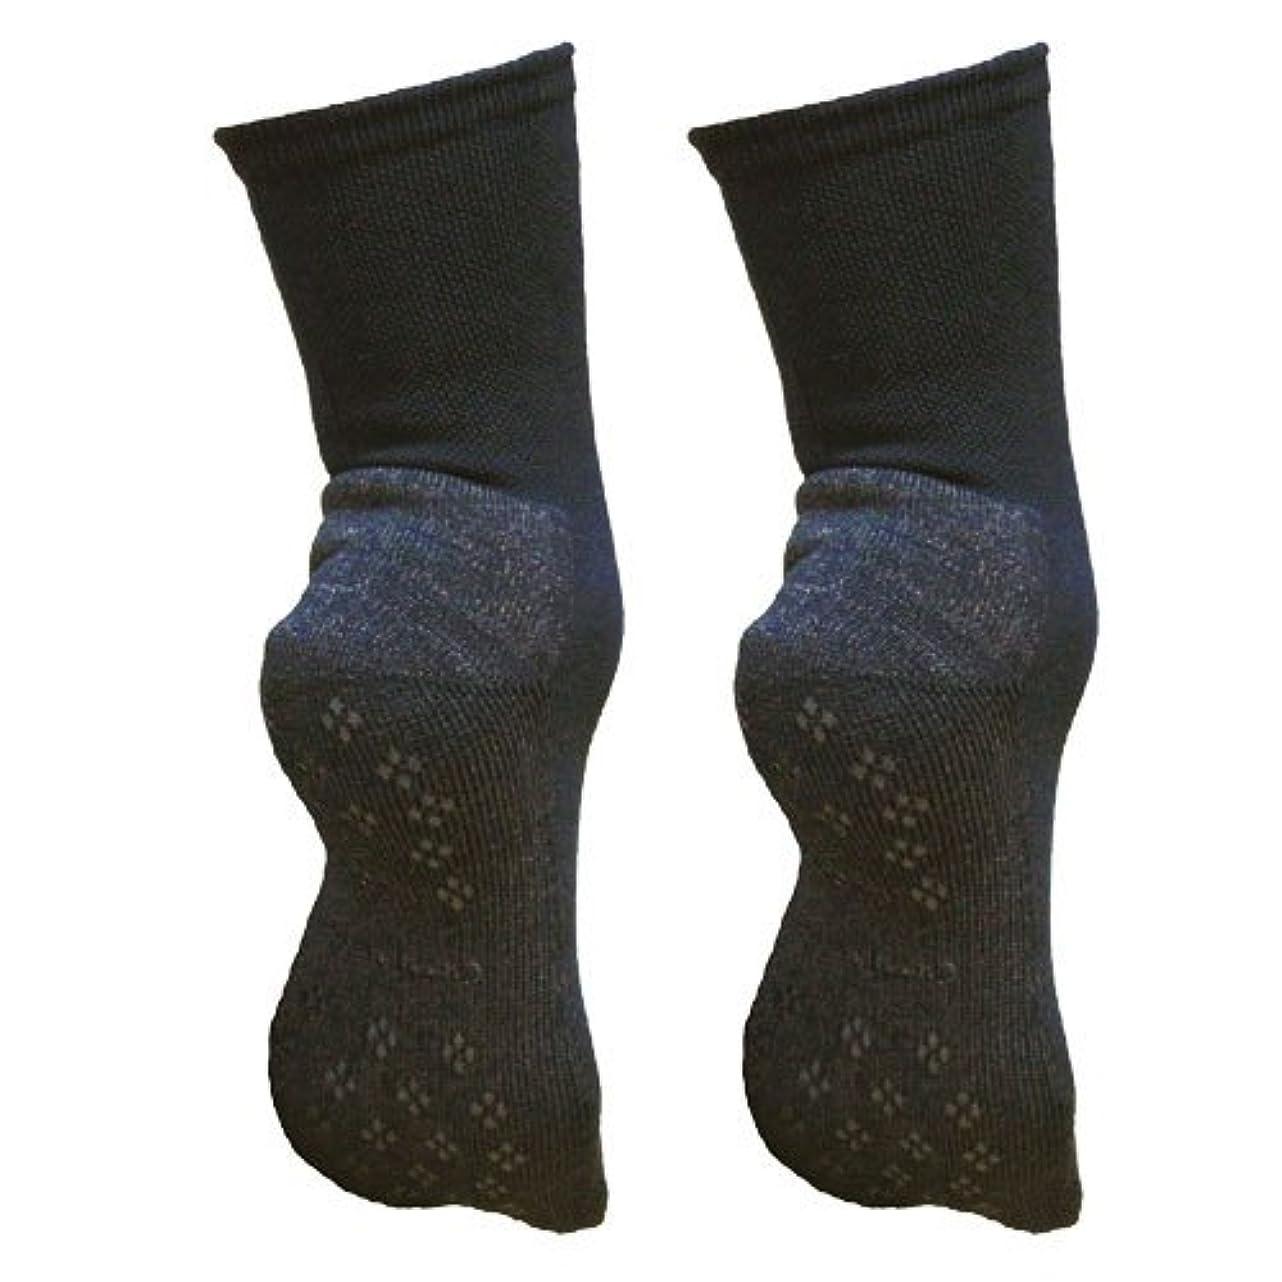 合理化津波夜明け銅繊維靴下「足もとはいつも青春」パイルタイプ2足セット 靴底のあたたかさ重視